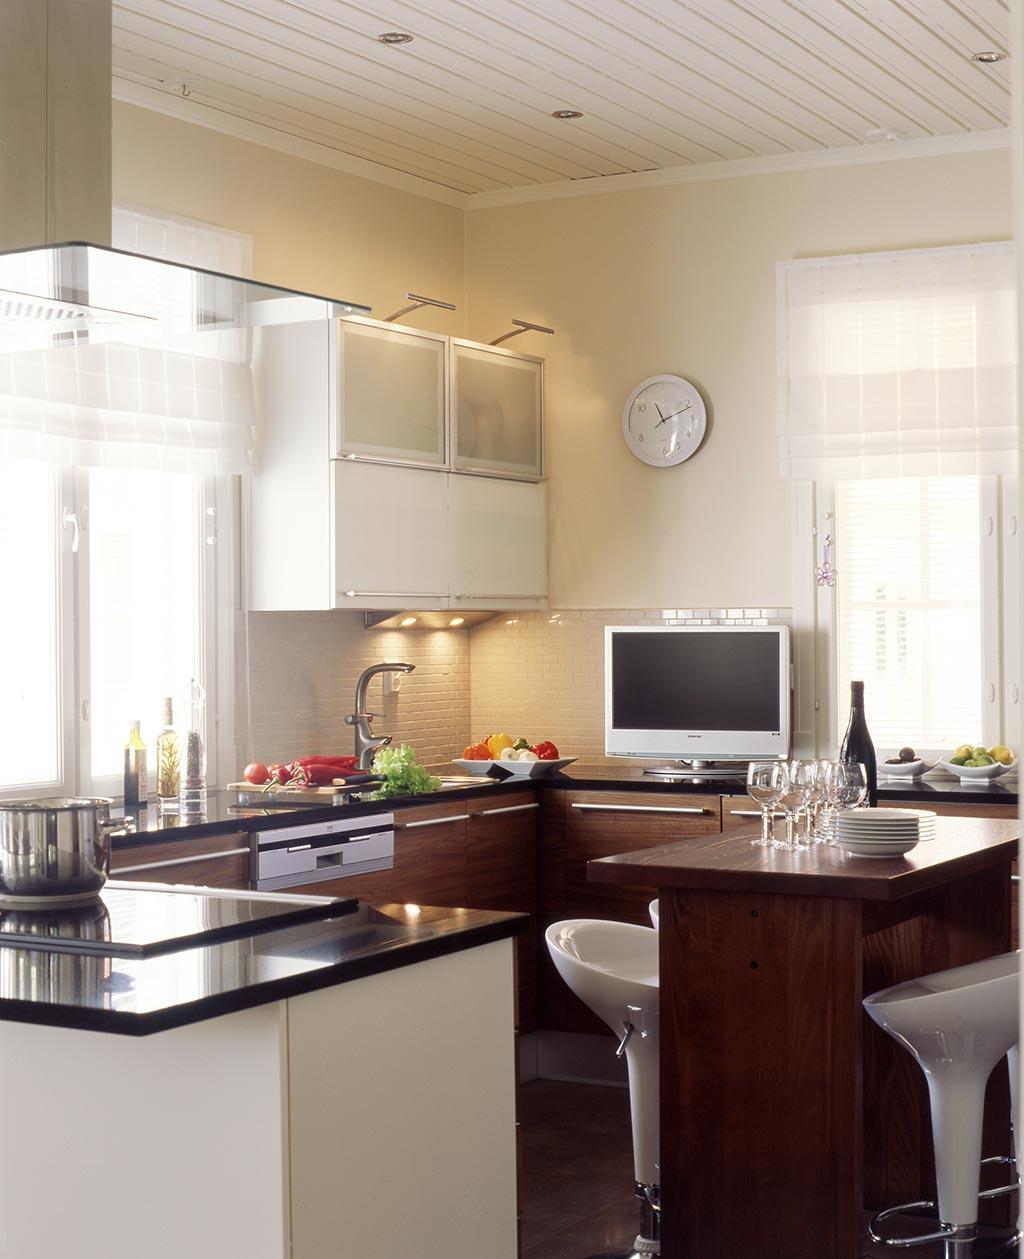 keittiolahi